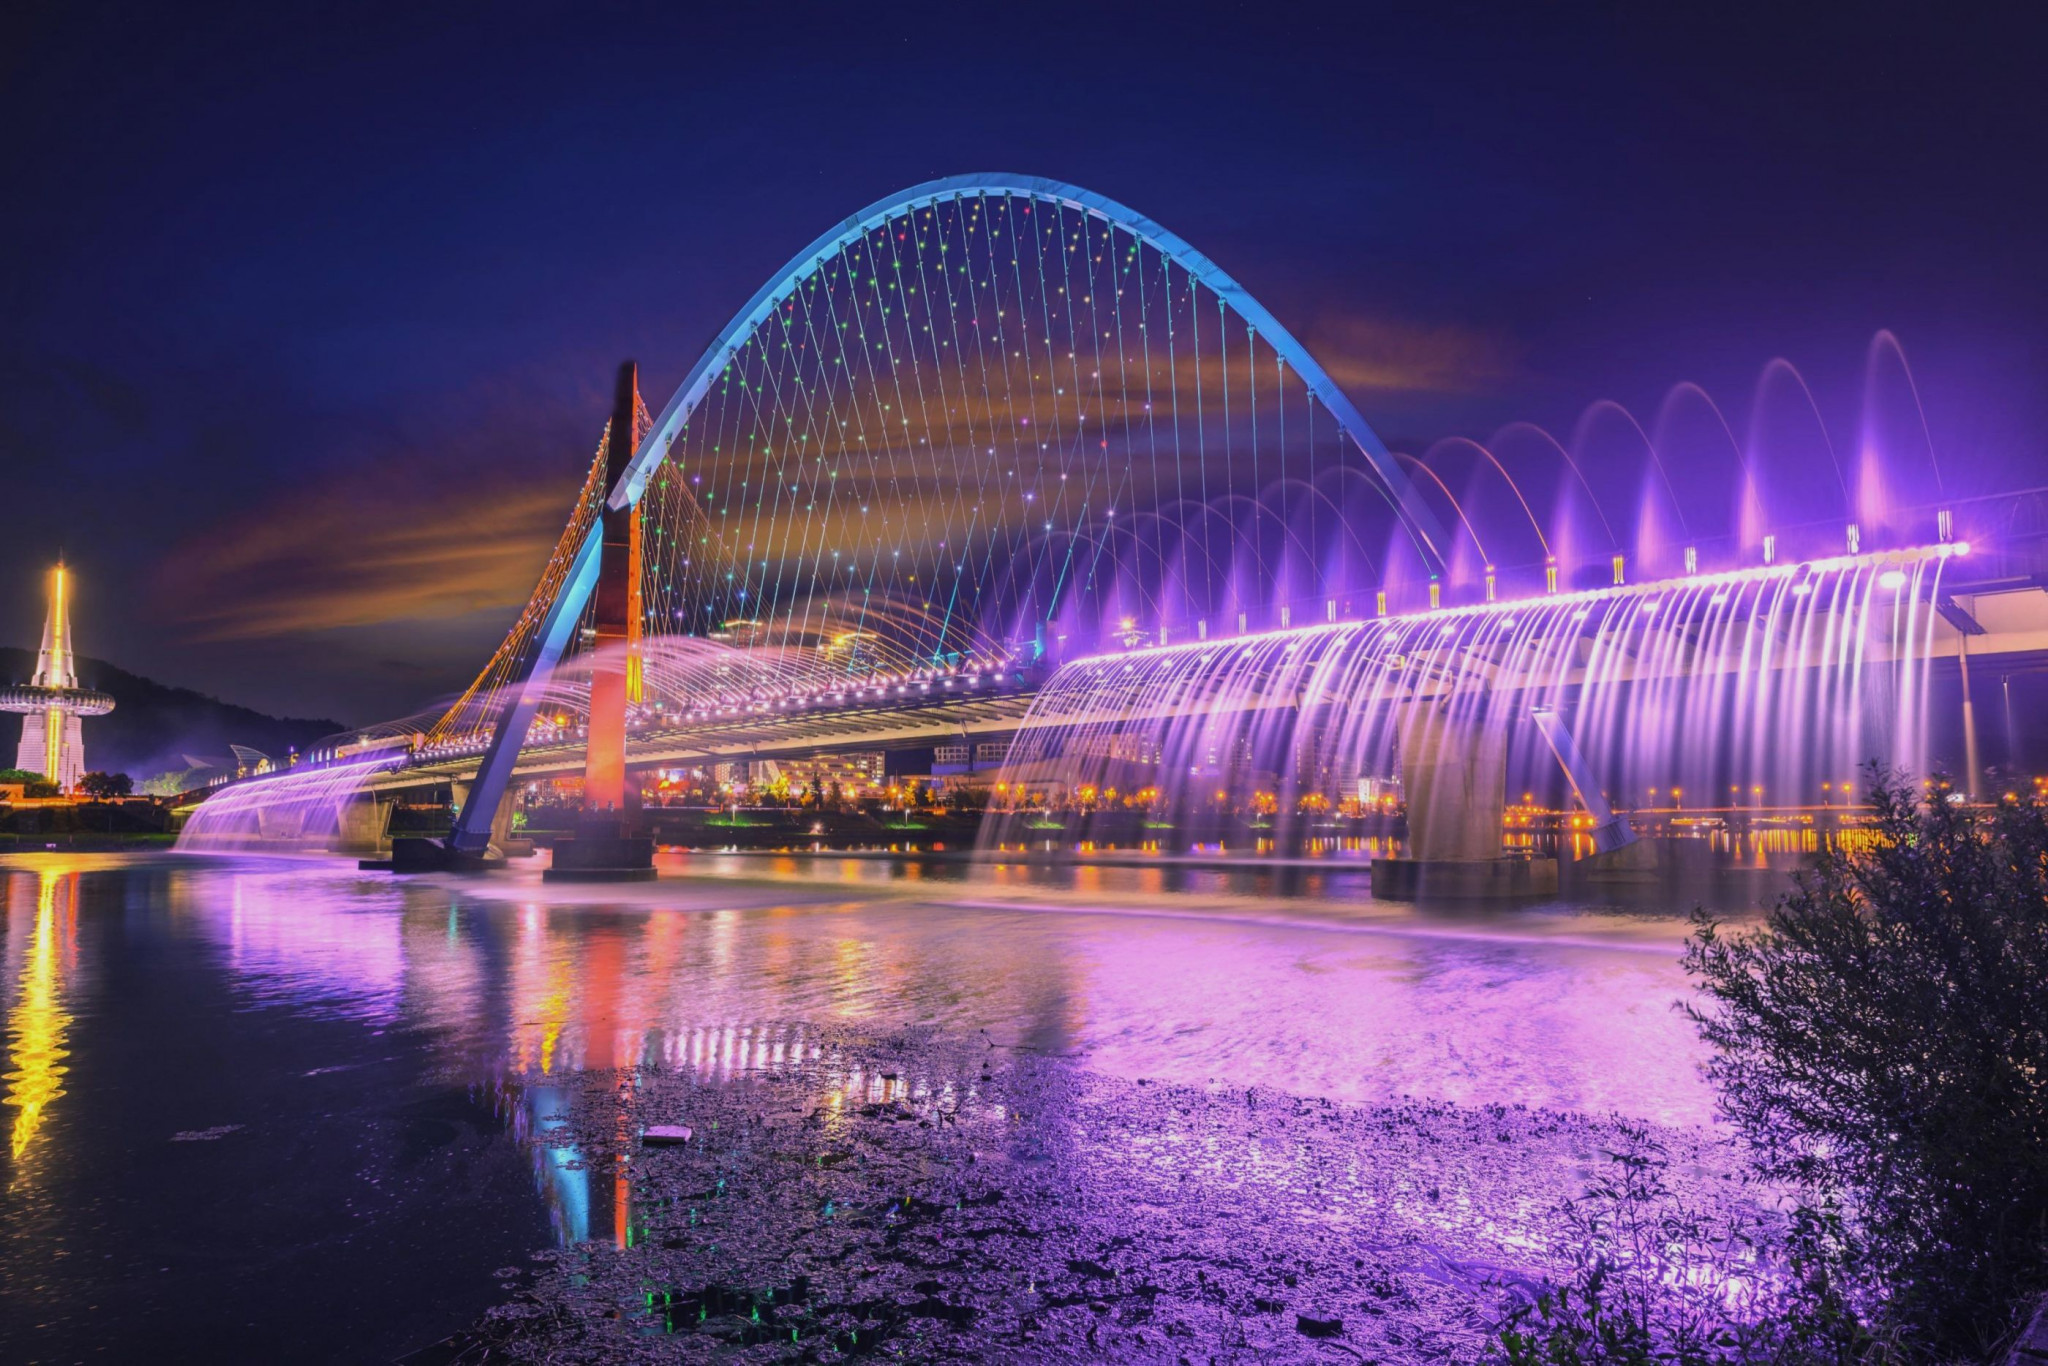 대전은 2027 년 하계 유니버시아드 개최를 위해 모인 충청도 4 개 도시 중 하나 © Getty Images